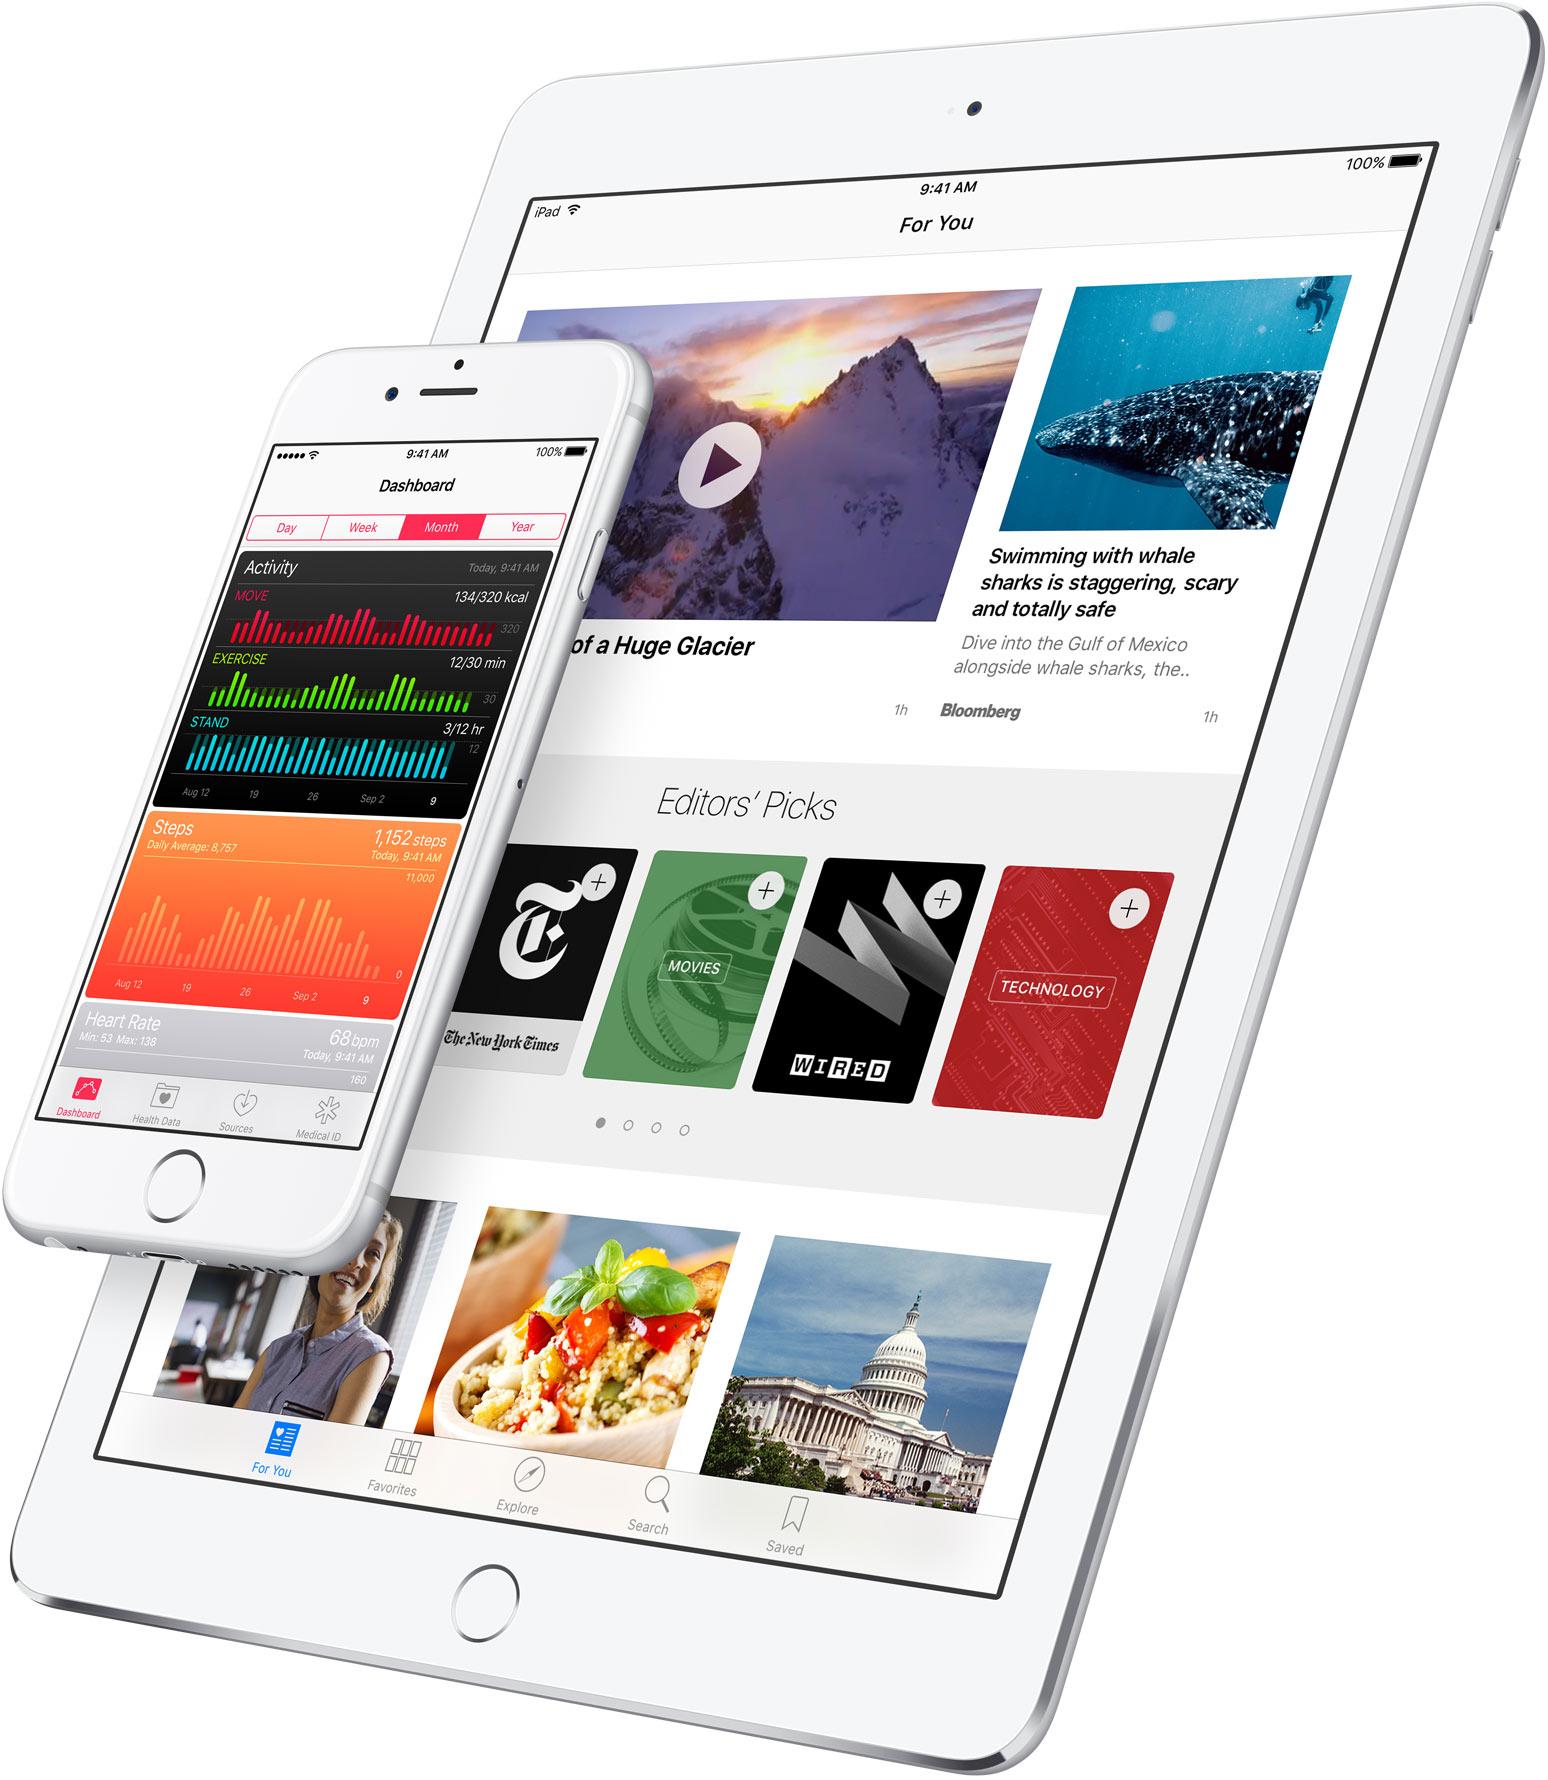 """Išleistas """"iOS 9.3.1"""" atnaujinimas, ištaisysiantis interneto nuorodų neveikimą"""